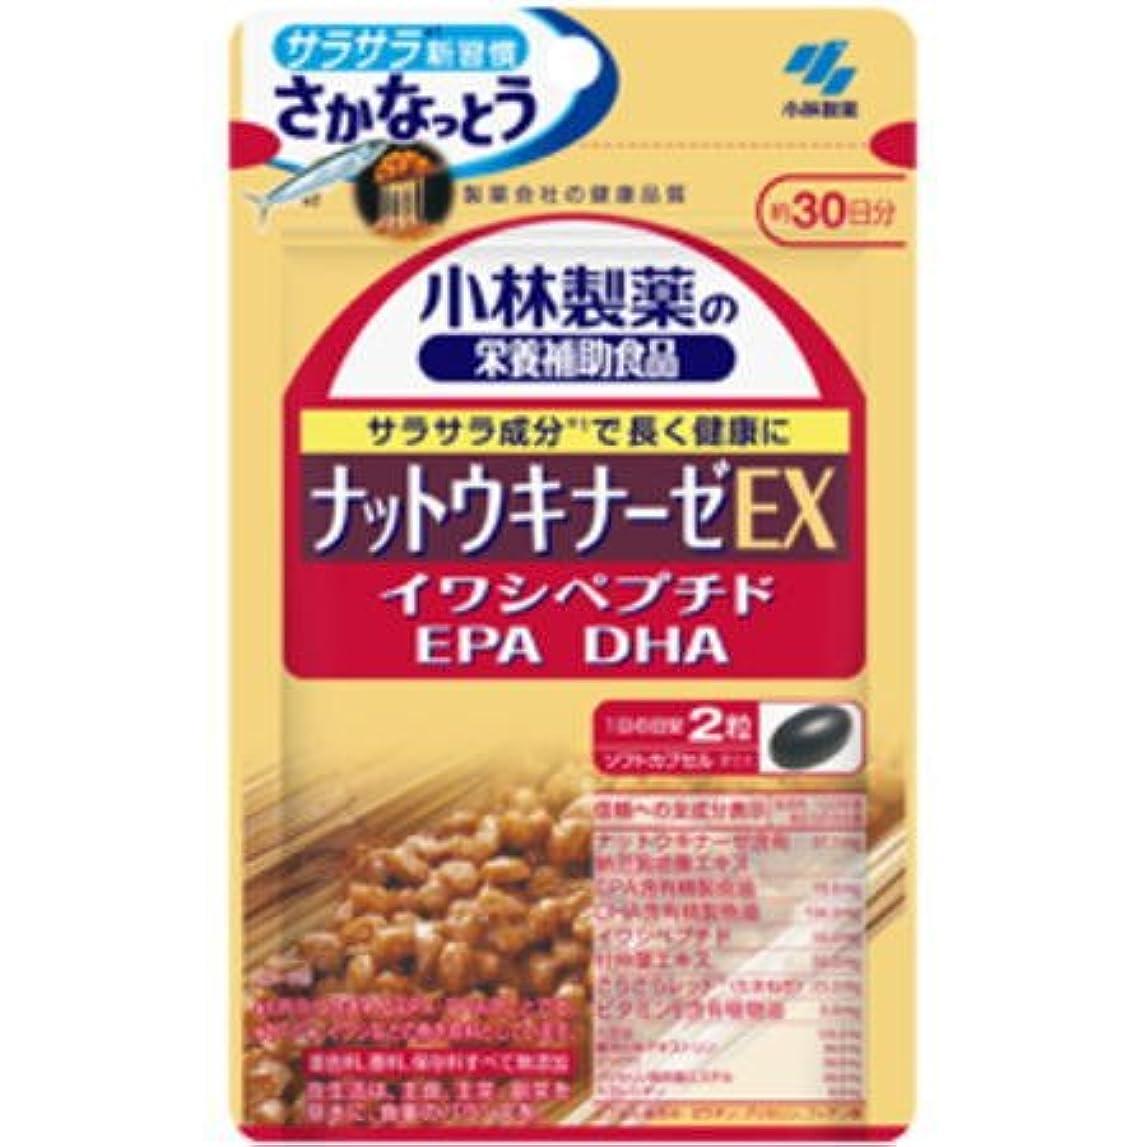 改修構成横ナットウキナーゼEX(60粒×10個セット)